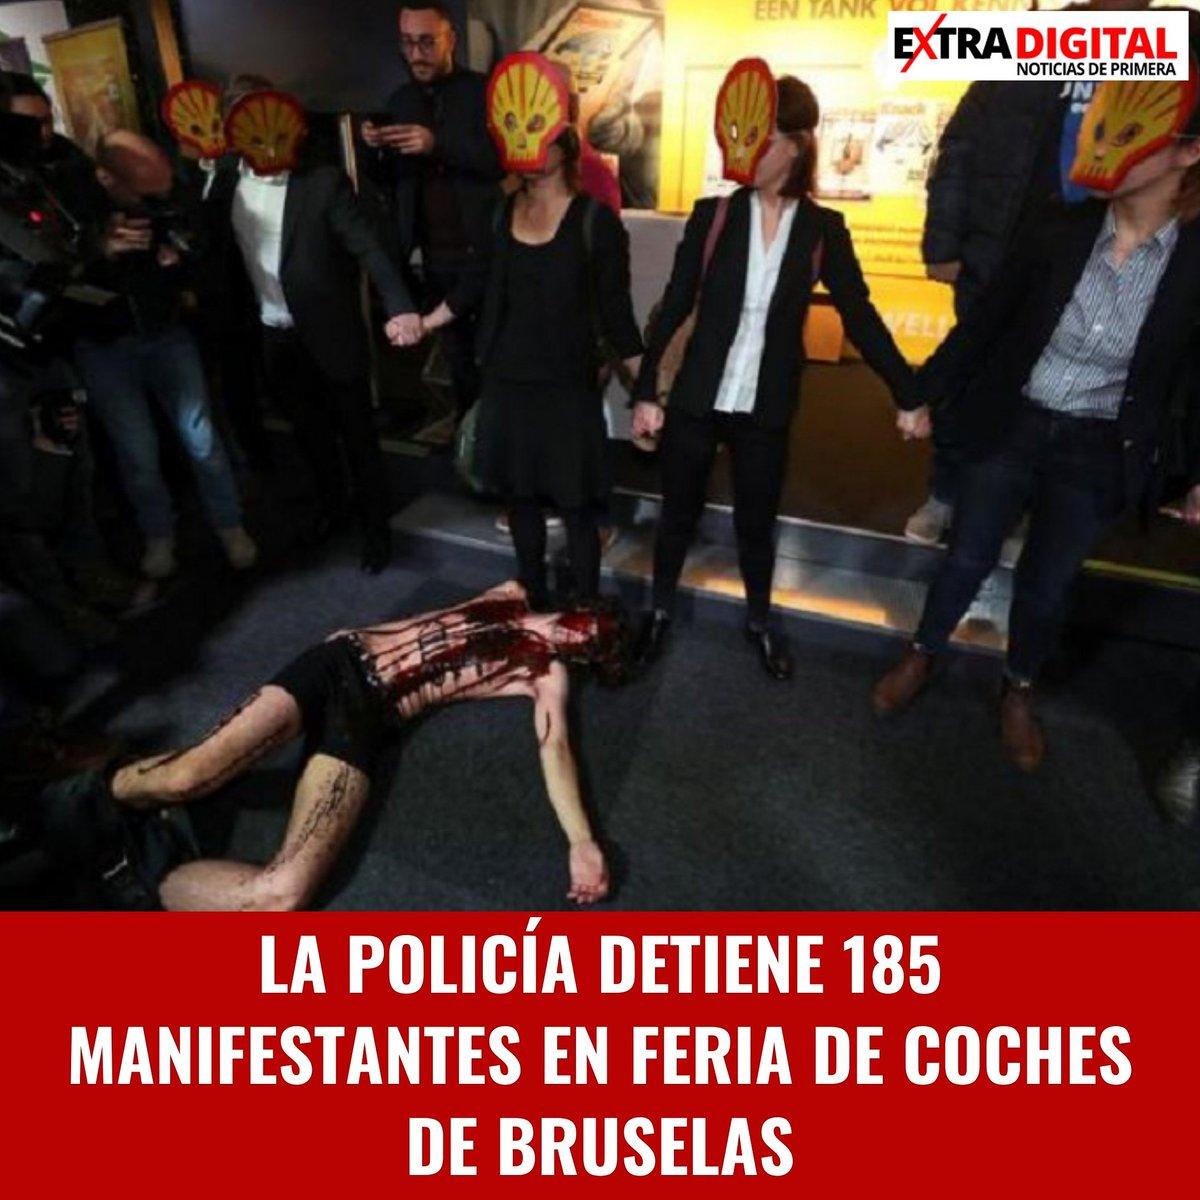 La policía detuvo a 185 manifestantes en el centro de Bruselas el sábado durante las protestas del movimiento ambientalista Extinction Rebellion en la feria de automóviles Motor Show Brussels 2020 para denunciar el pape  ... Para más información, visitanos http://www.extradigital.com.dopic.twitter.com/5dzeQAR4Ki